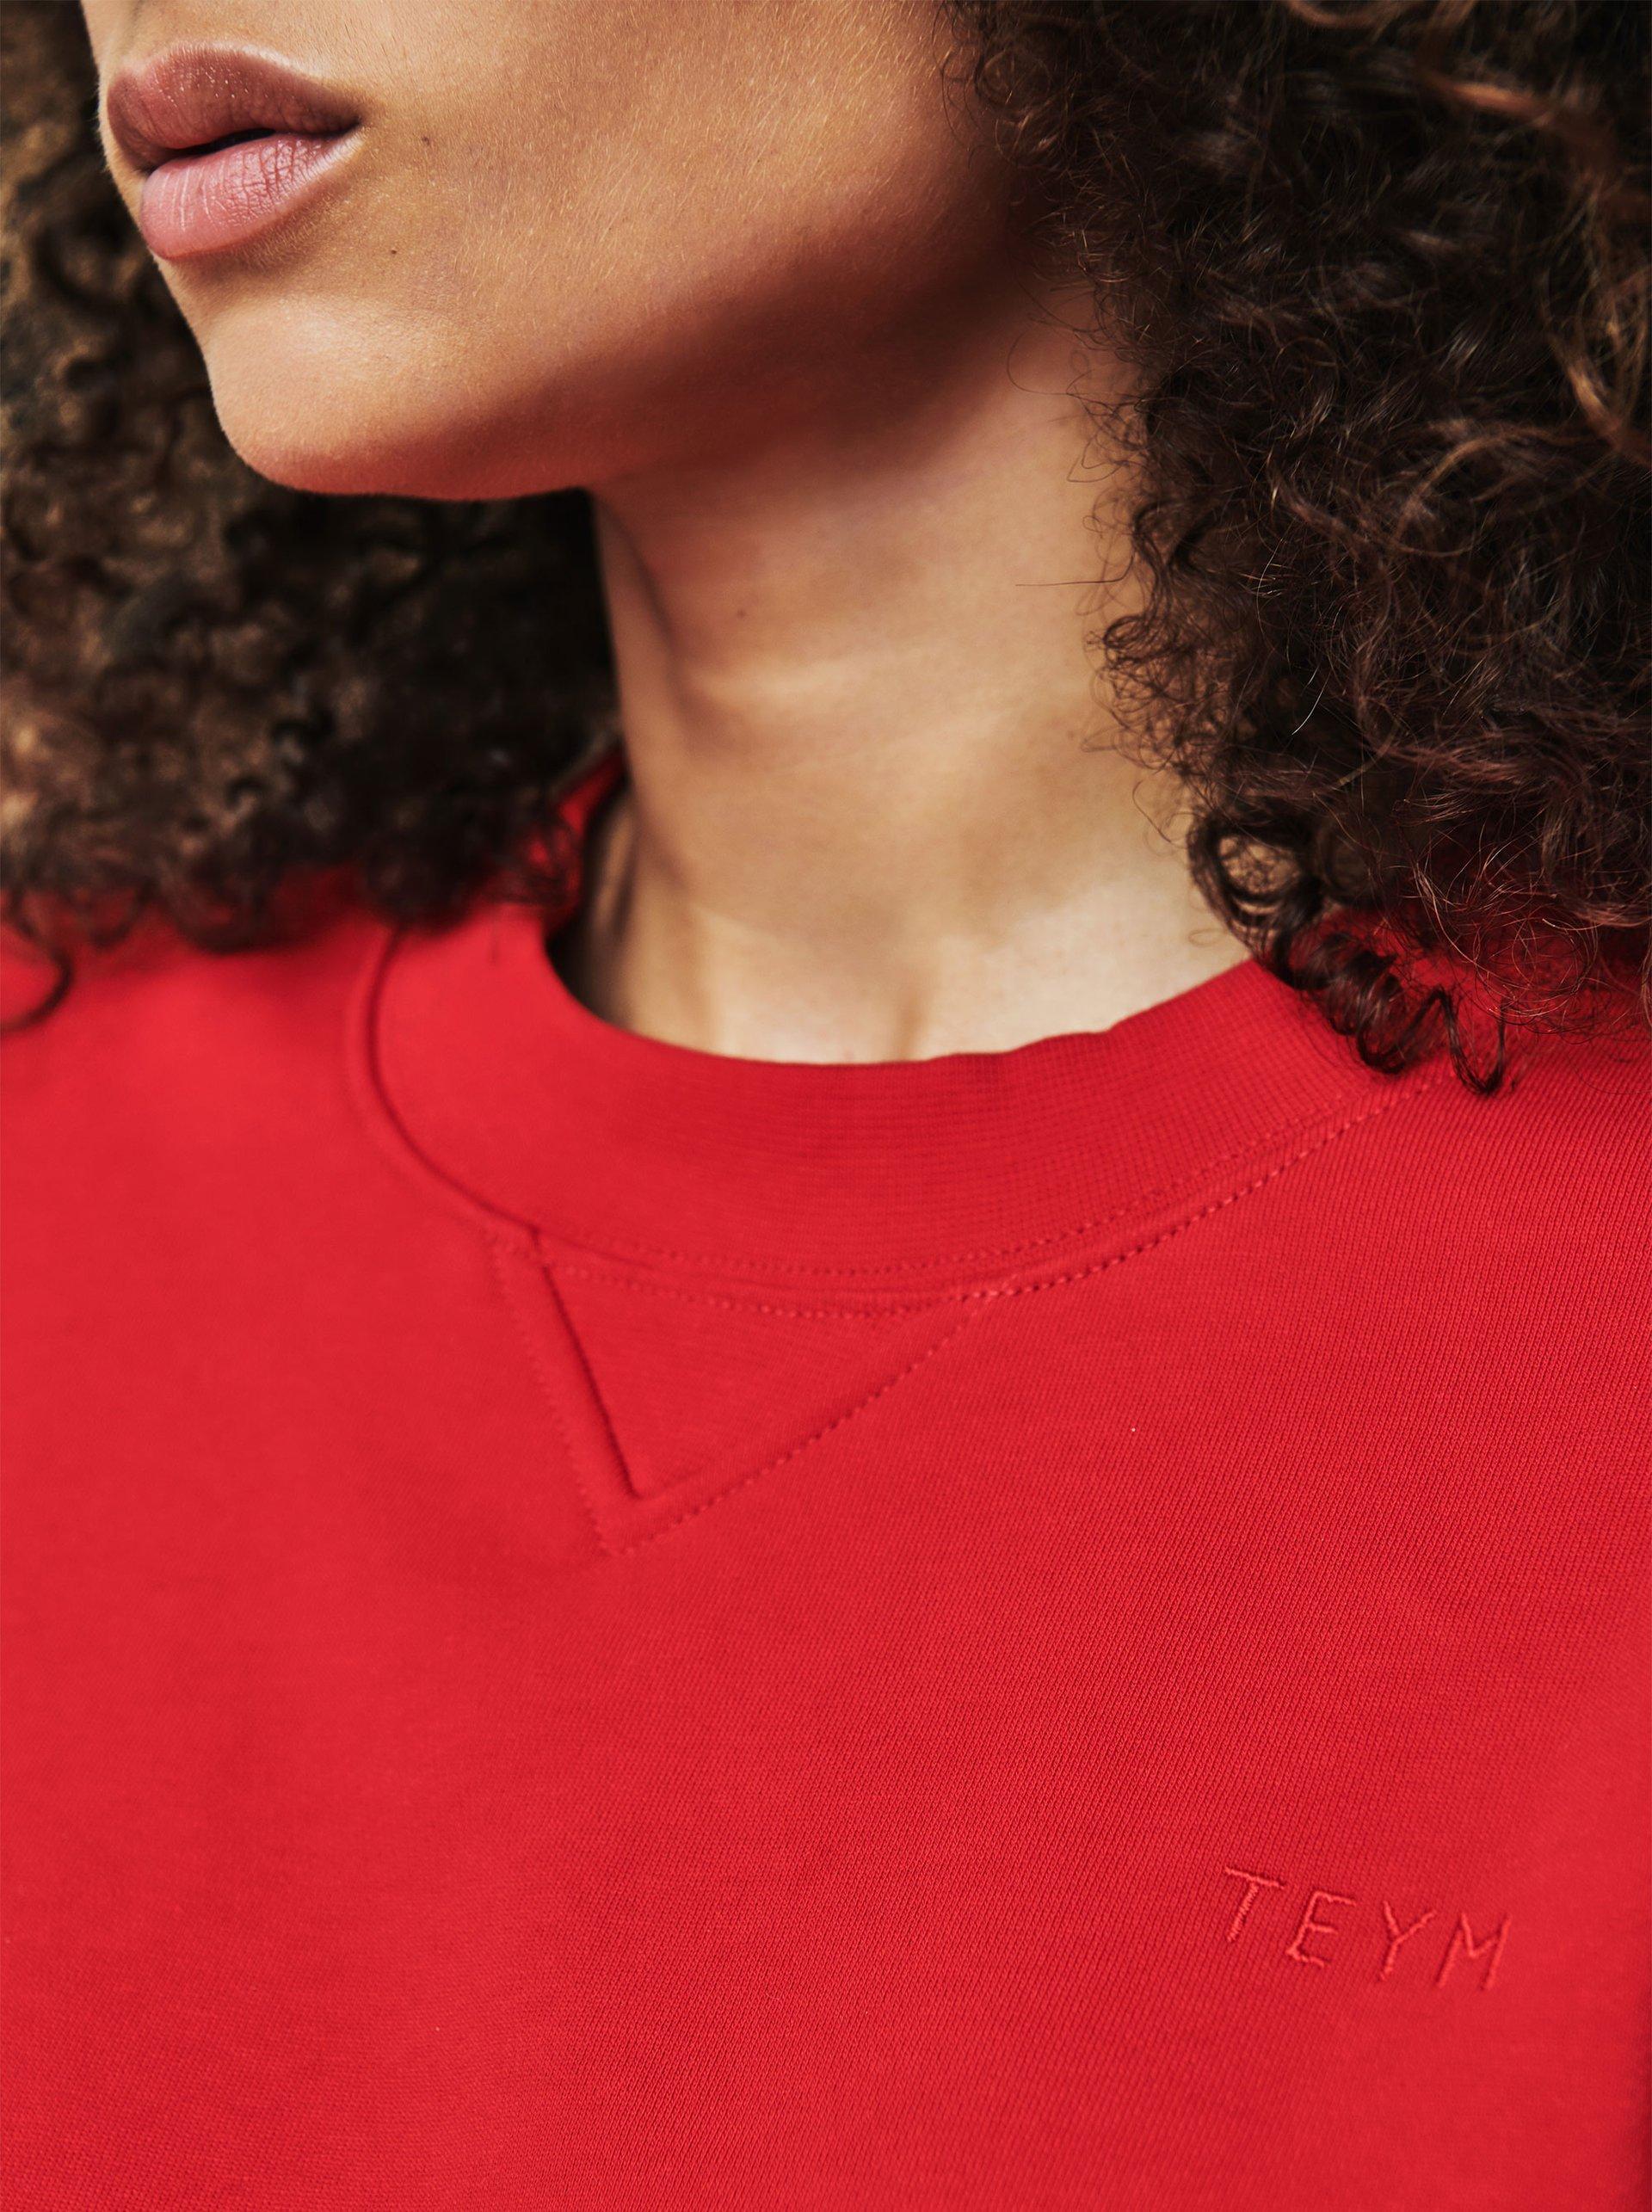 Teym-TheSweatshirt-Women-Red02